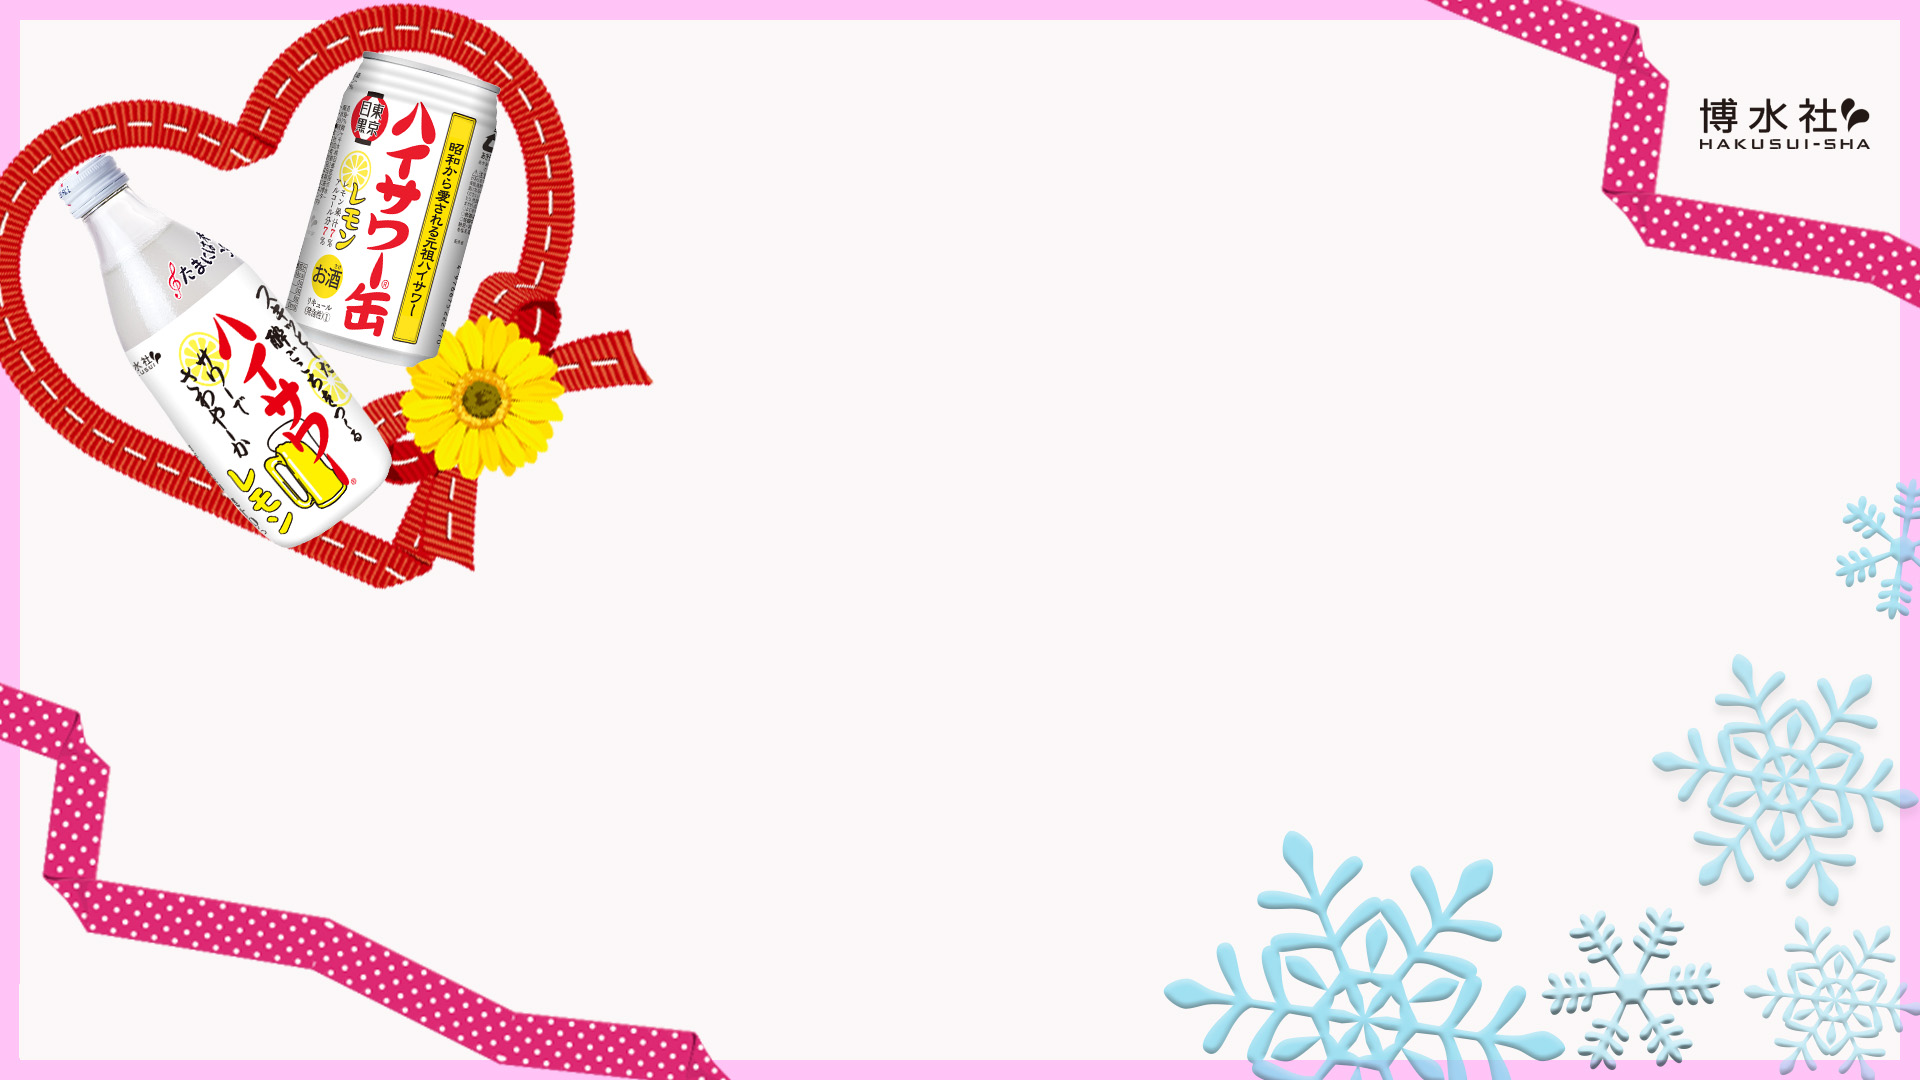 オンライン通話壁紙案06バレンタイン仕様